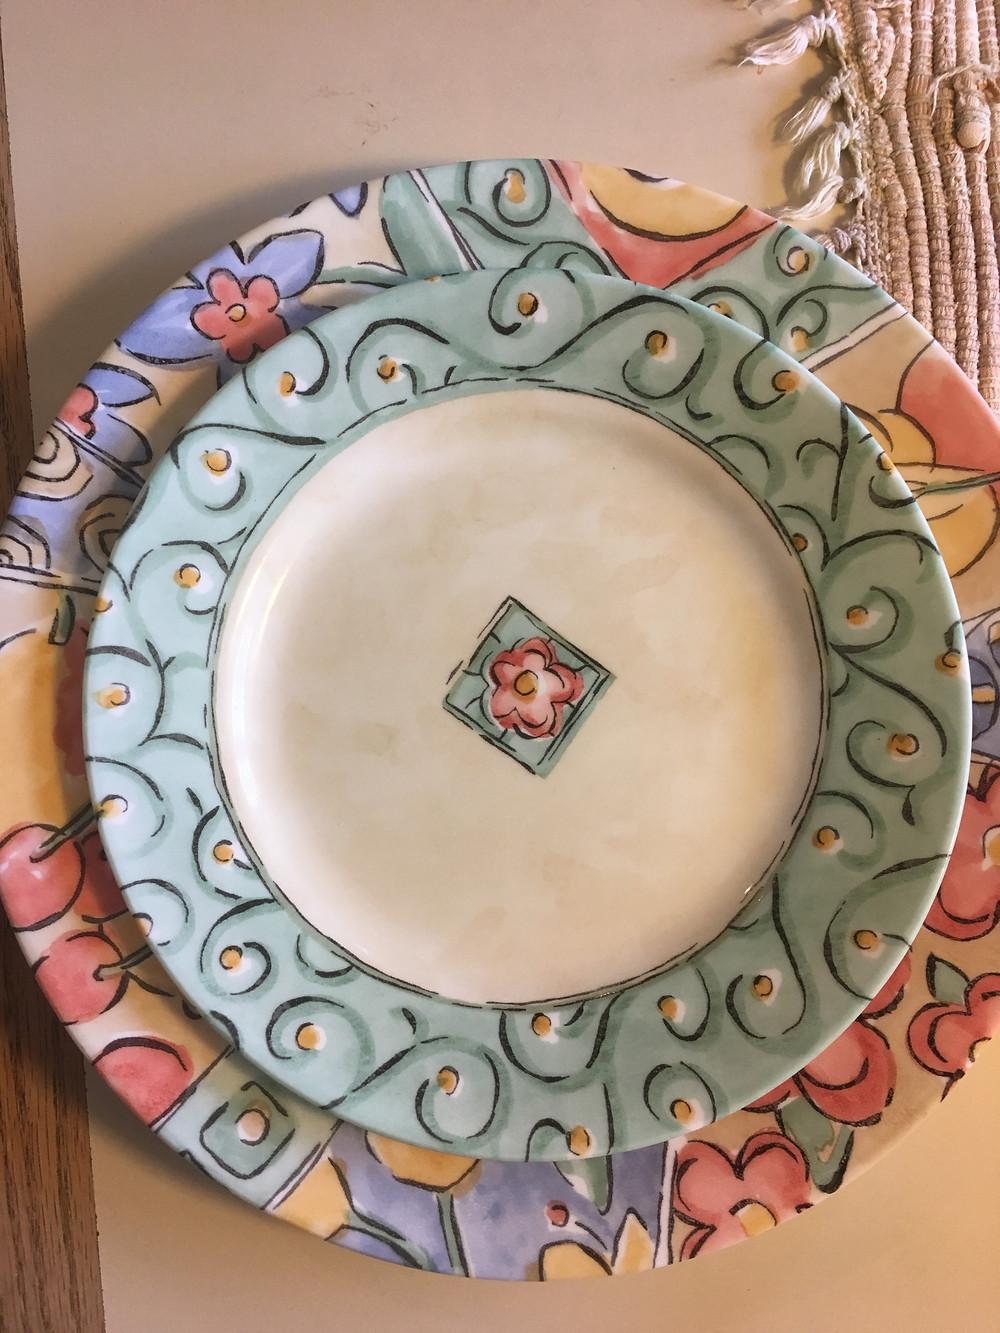 Client's plates.